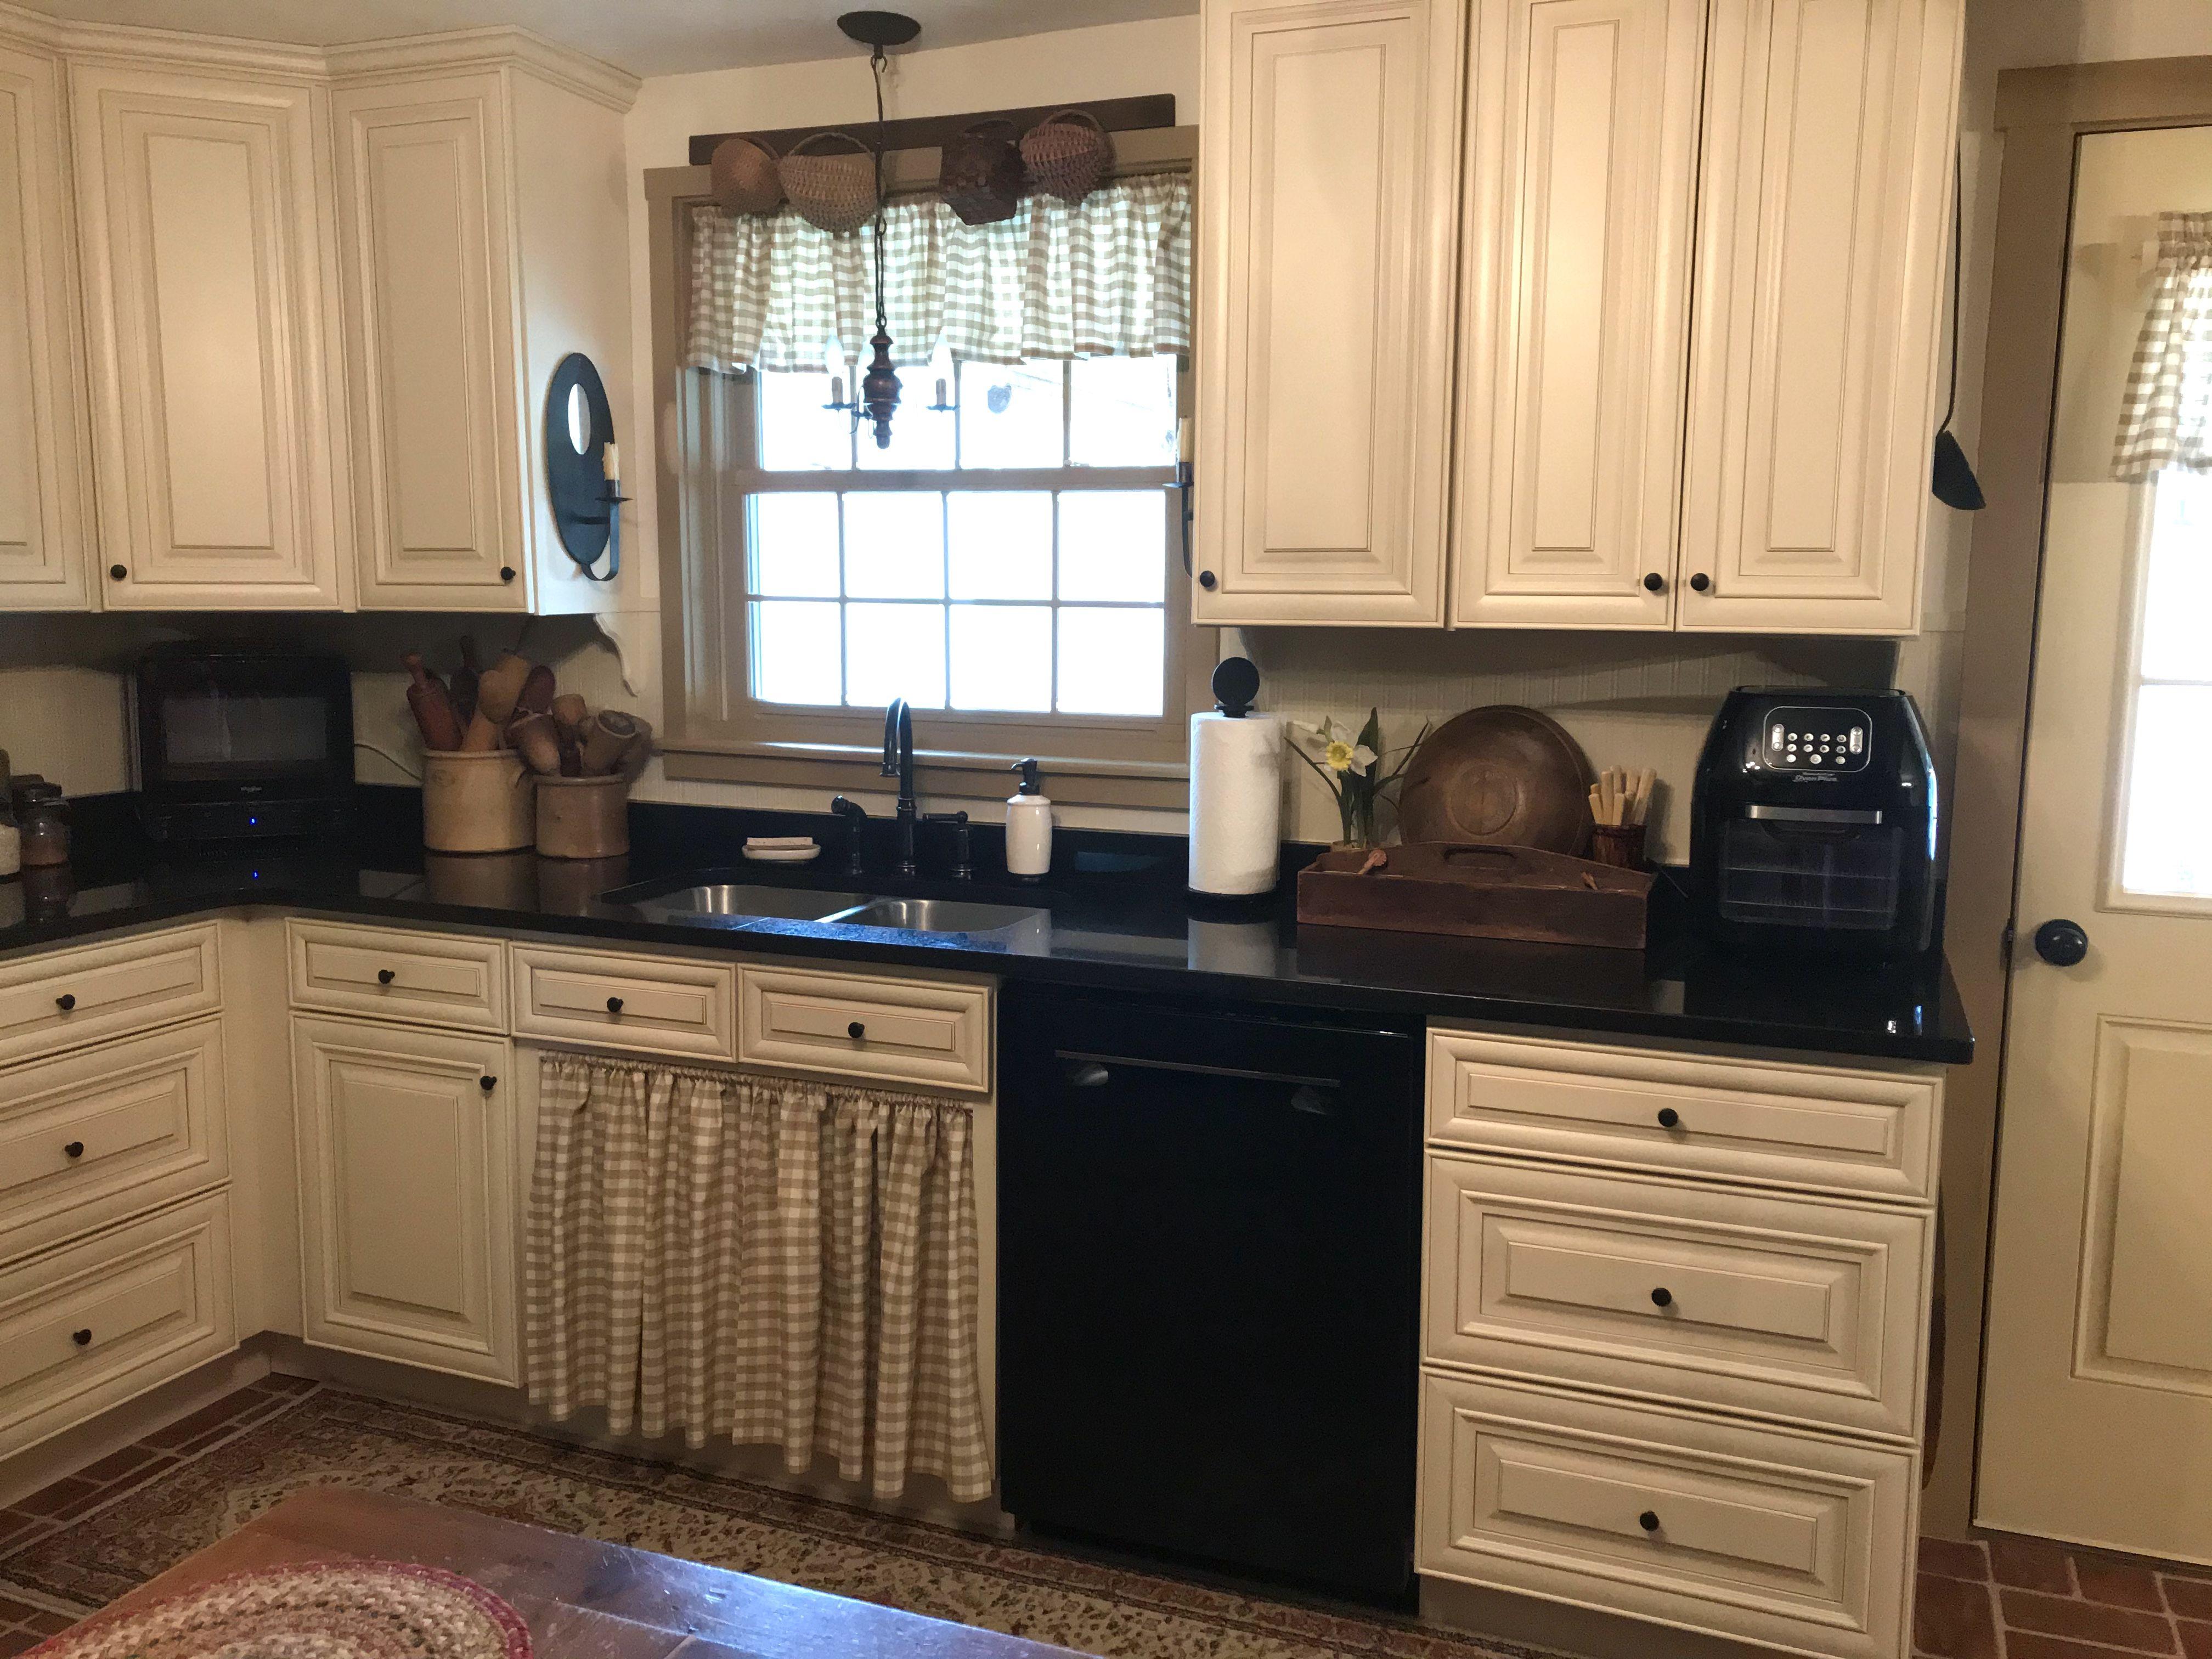 Kitchen March 2020 Behind My Red Door In 2020 Kitchen Primitive Kitchen Kitchen Cabinets